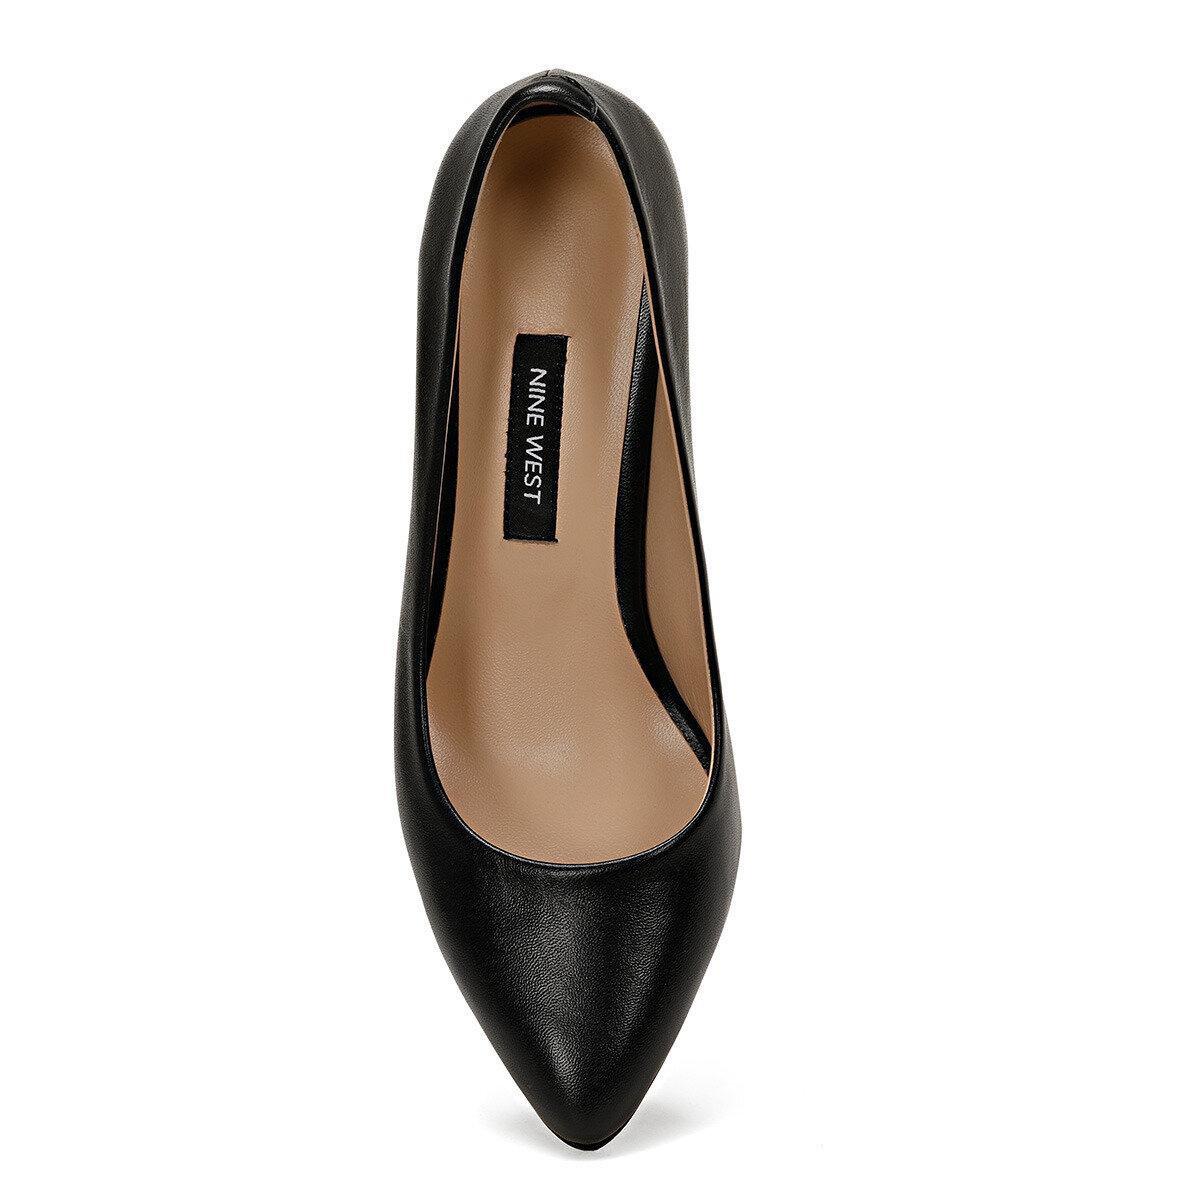 LEZANA Siyah Kadın Topuklu Ayakkabı